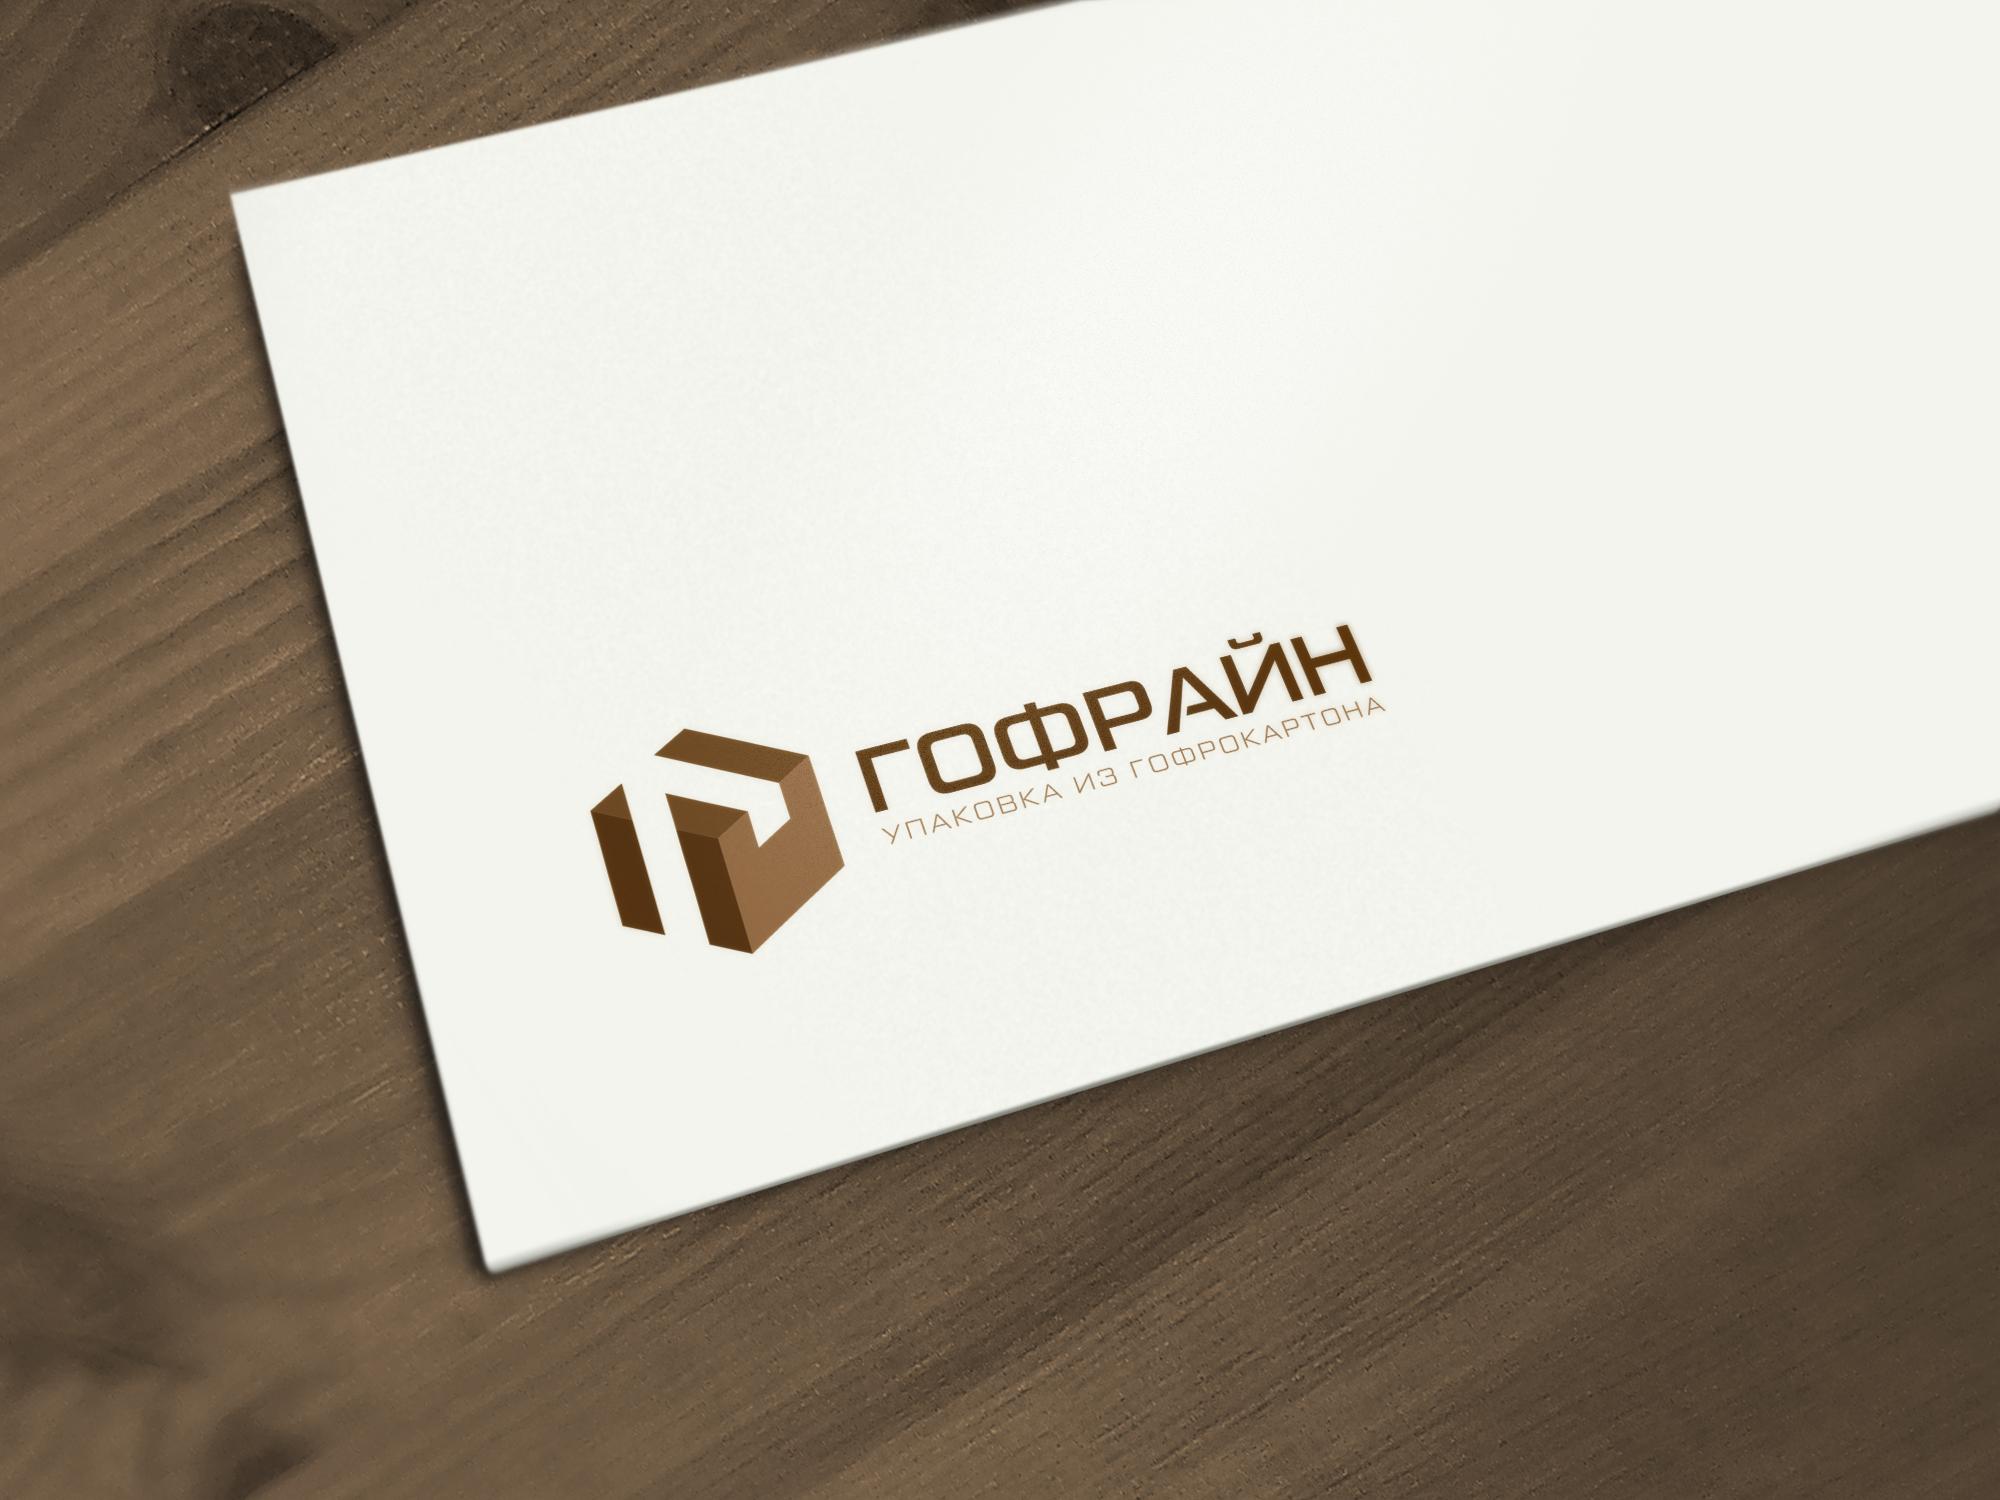 Логотип для компании по реализации упаковки из гофрокартона фото f_4035cdc30d69964a.jpg